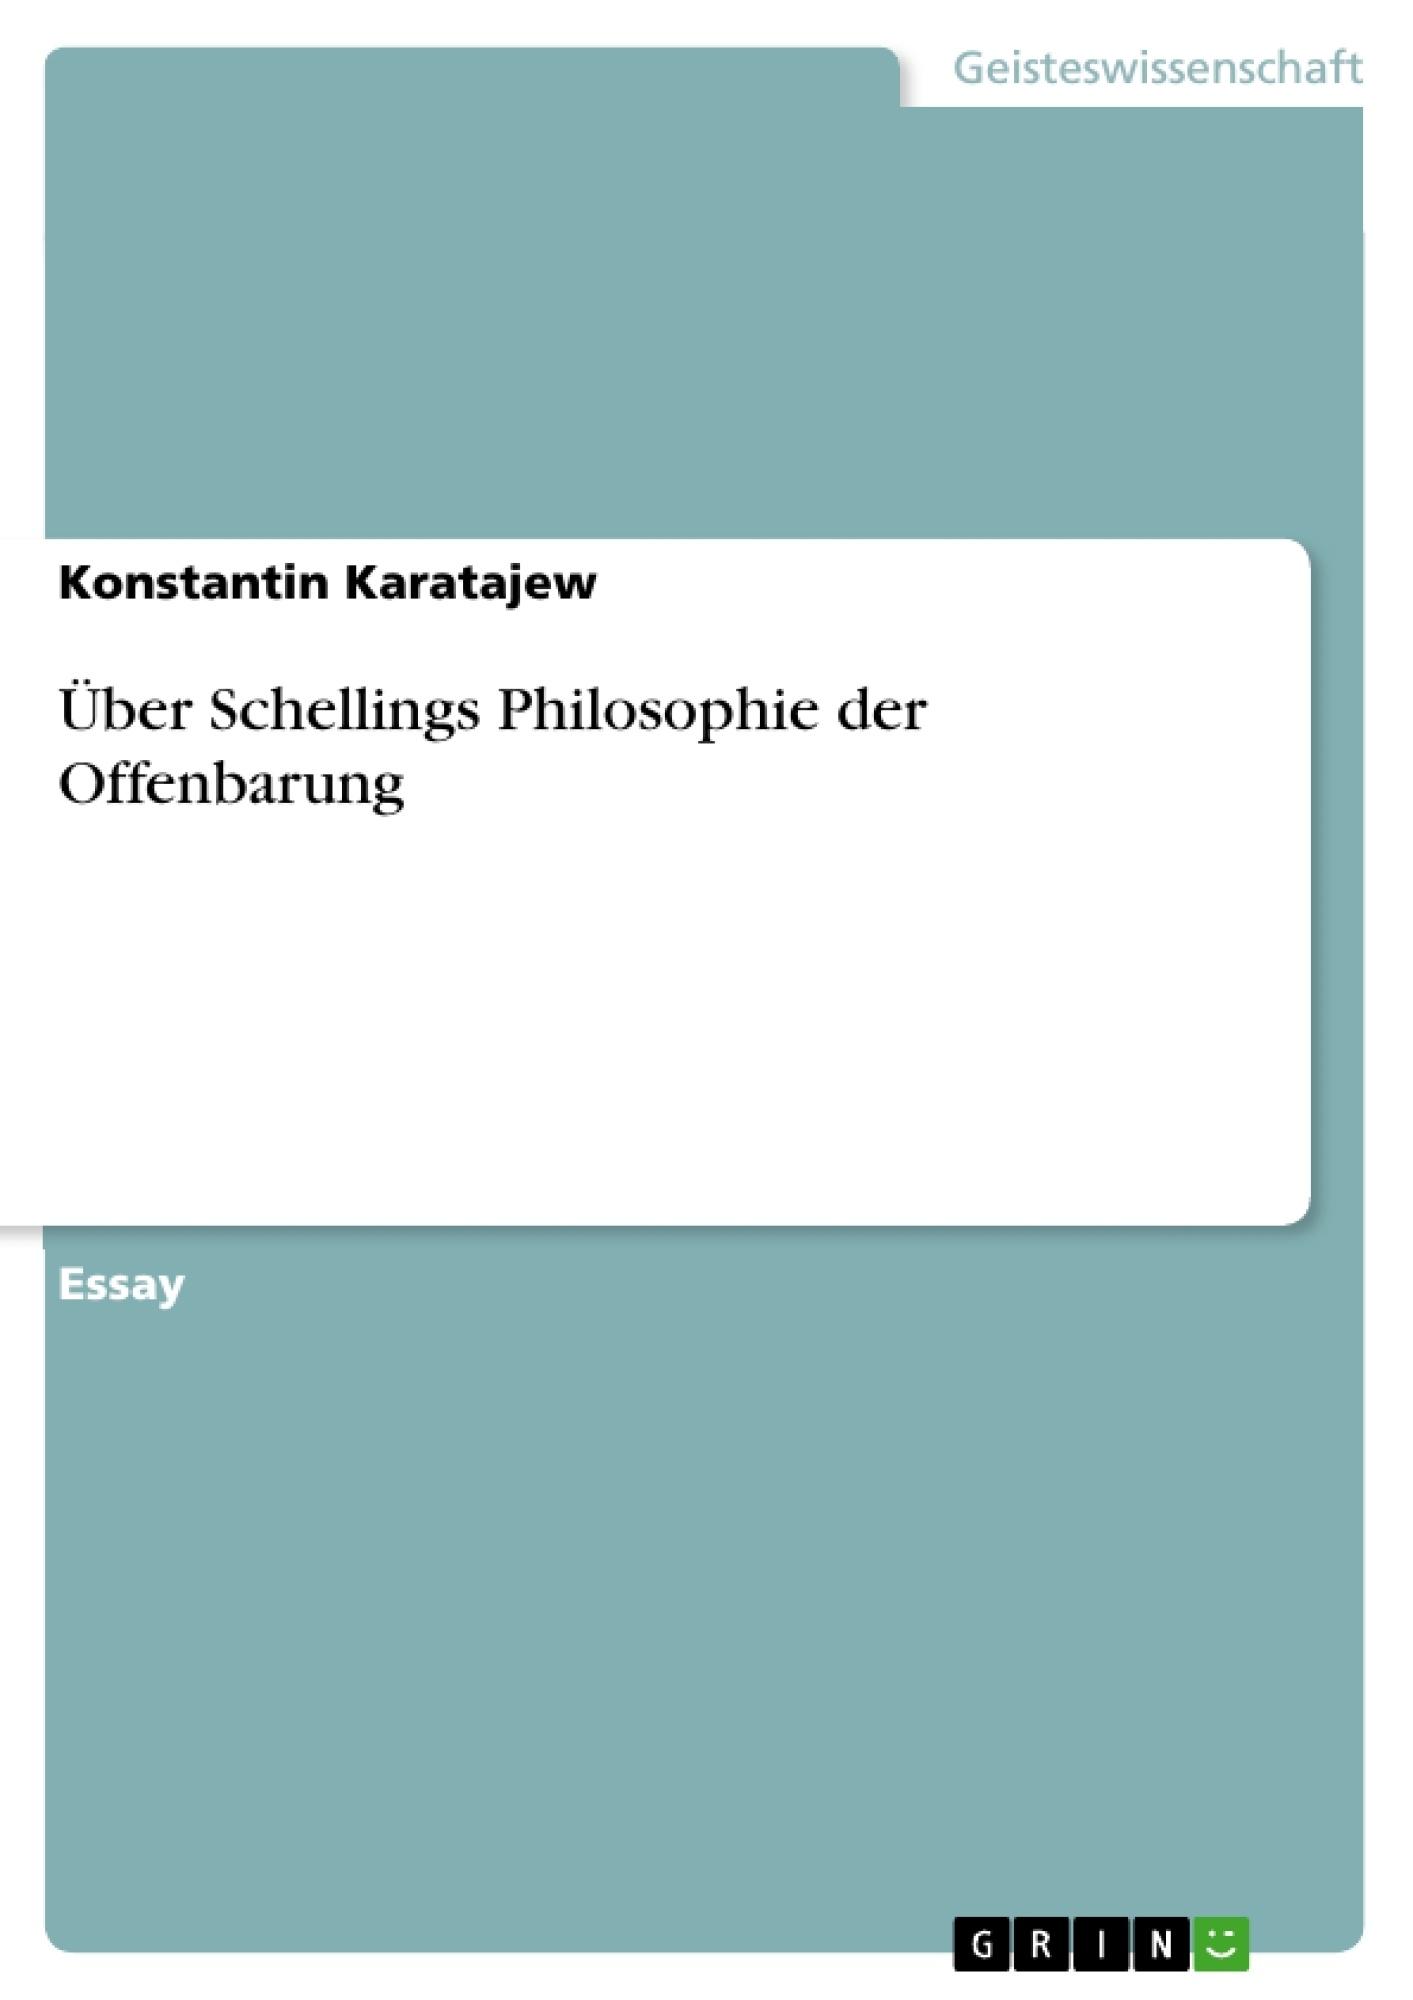 Titel: Über Schellings Philosophie der Offenbarung